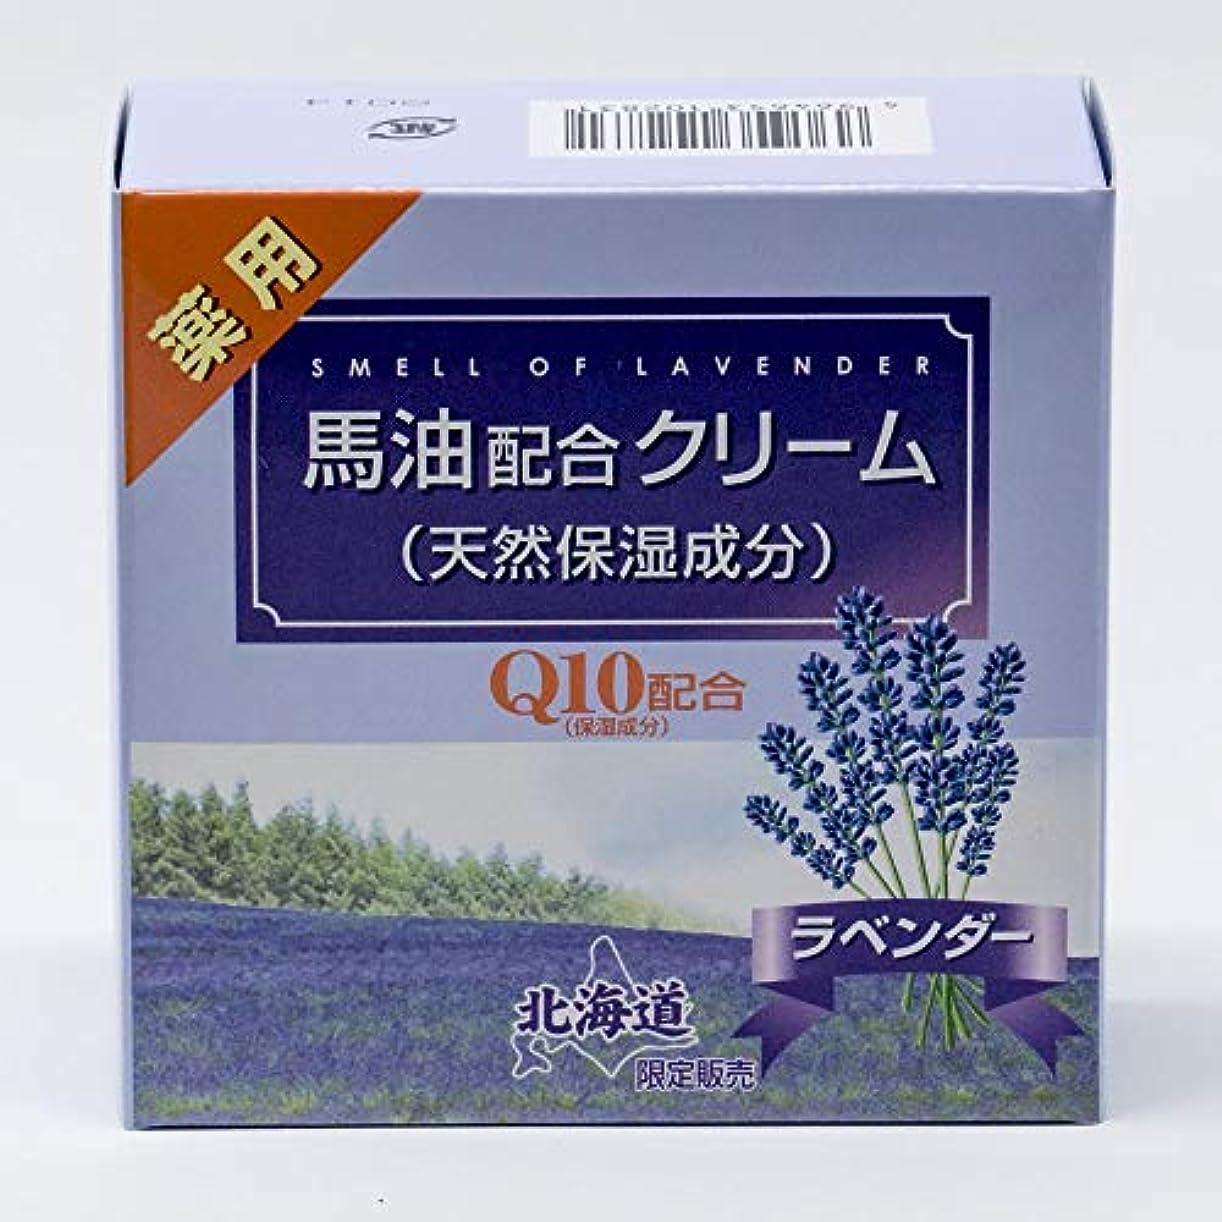 告白無線エキゾチック薬用 馬油配合クリーム ラベンダーの香り 保湿成分Q10配合